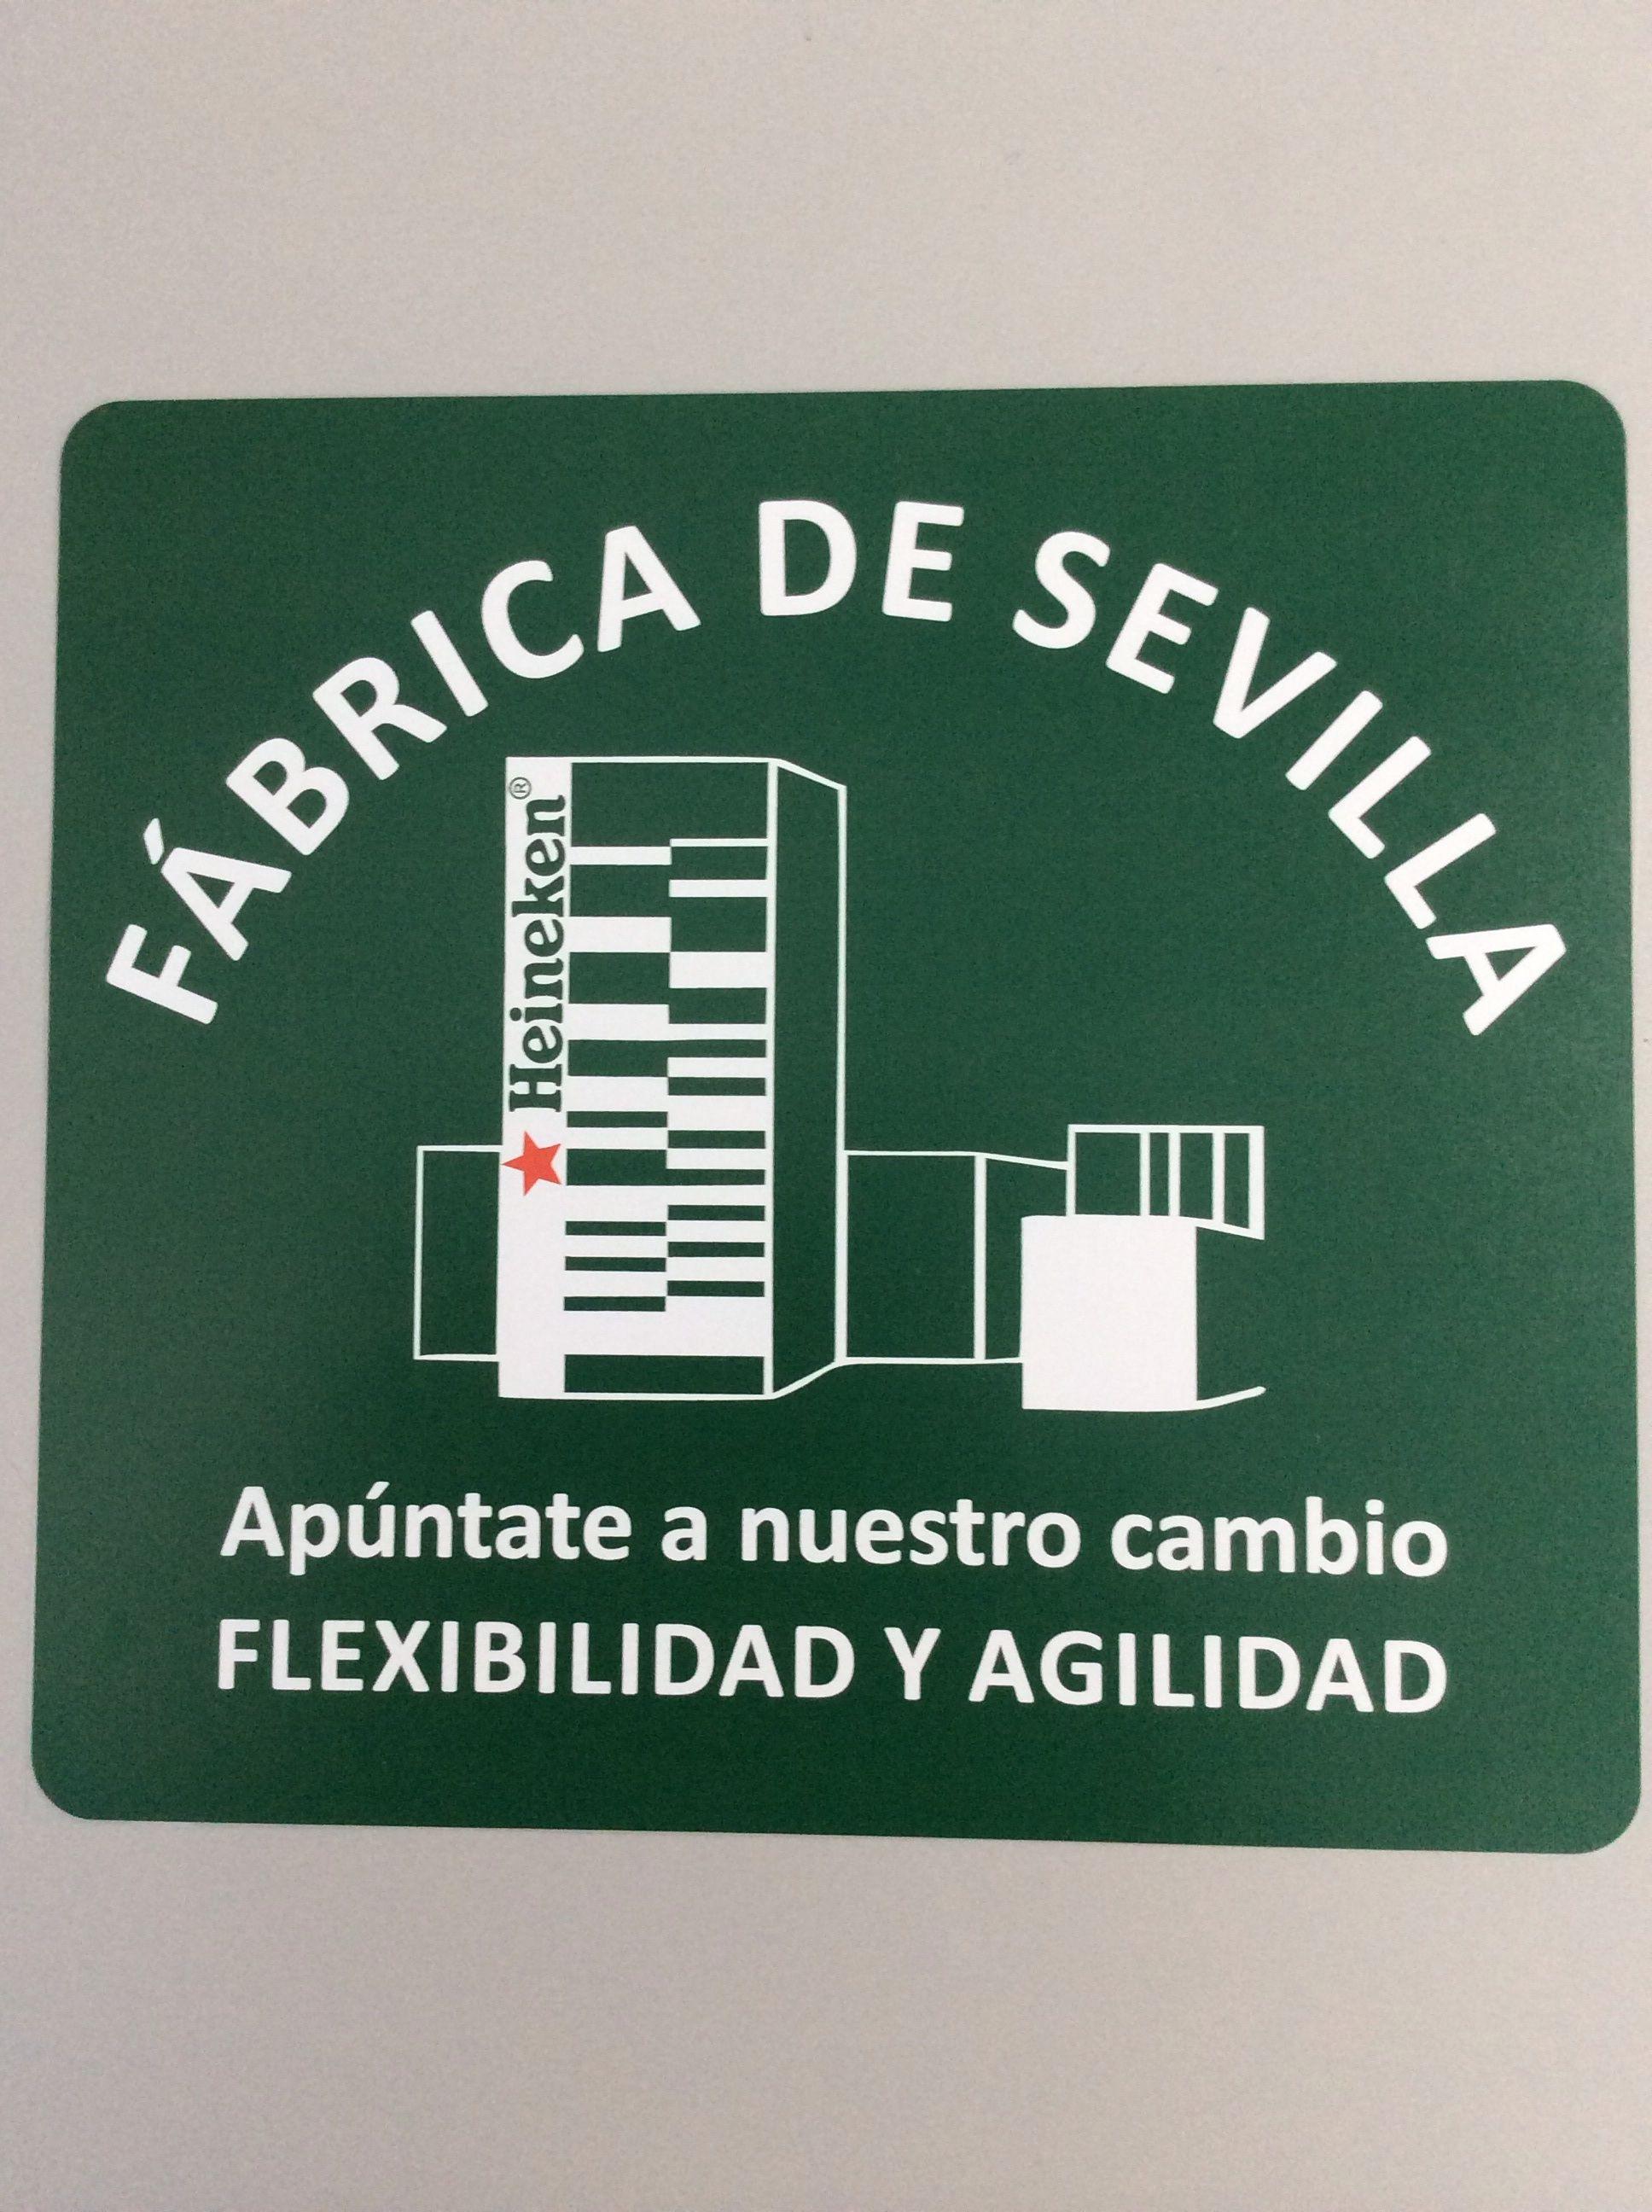 Foto 14 de Bordados y encajes en Alcorcón | Bordados Tecnibor, S.L.